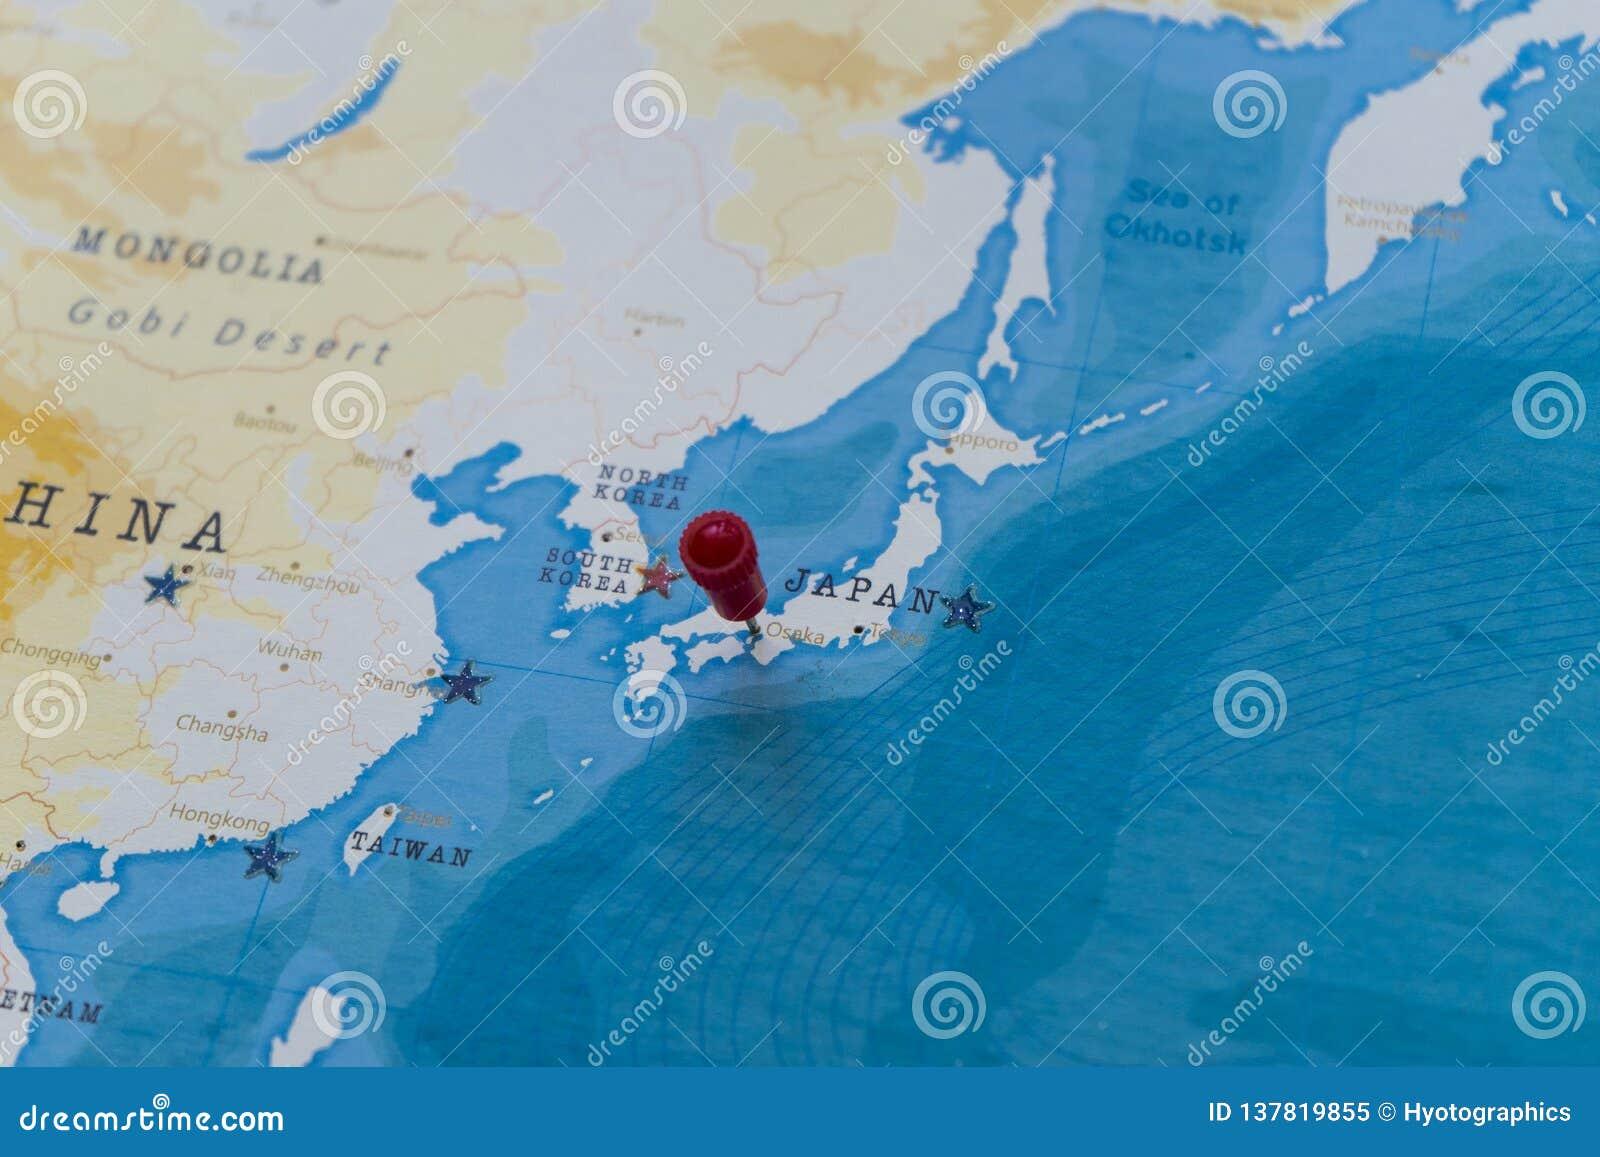 Ett stift på osaka, Japan i världskartan